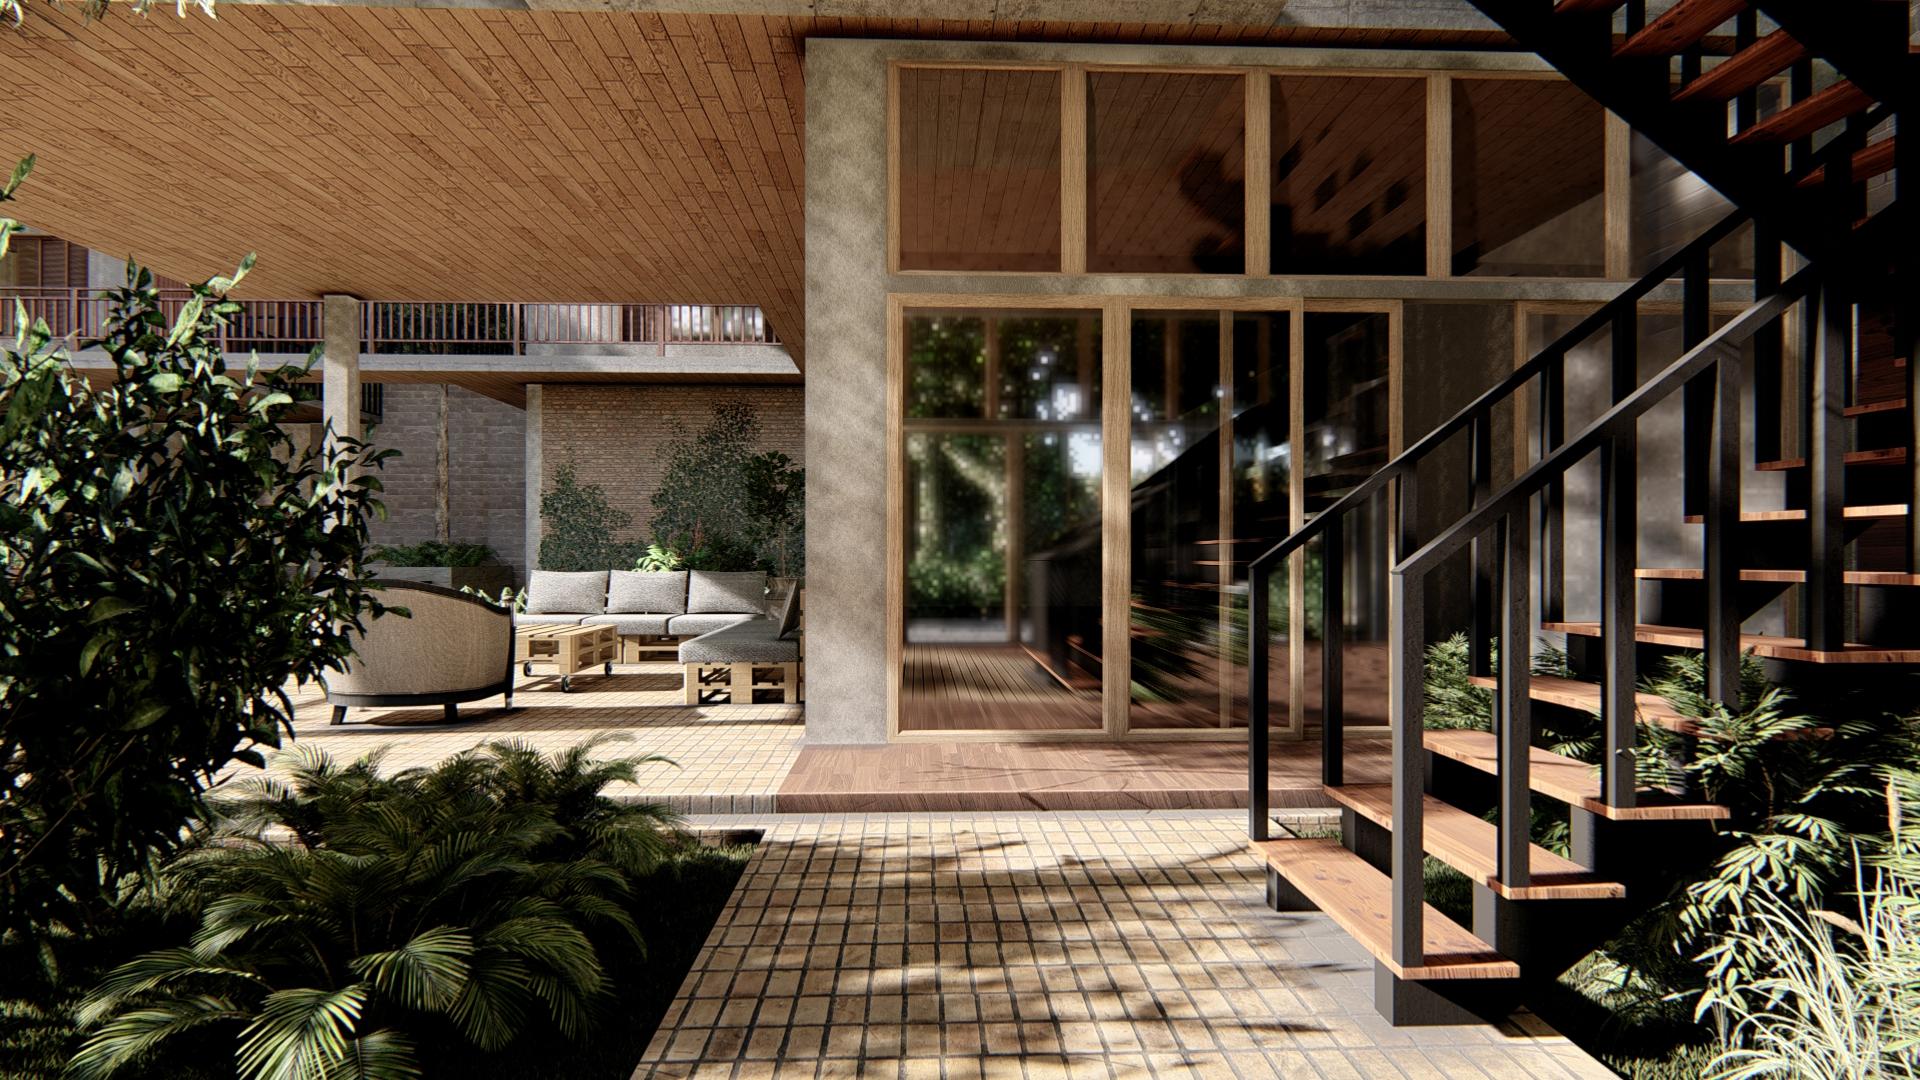 thiết kế Khách Sạn tại Gia Lai Farmstay and Hostel 0 1565695257